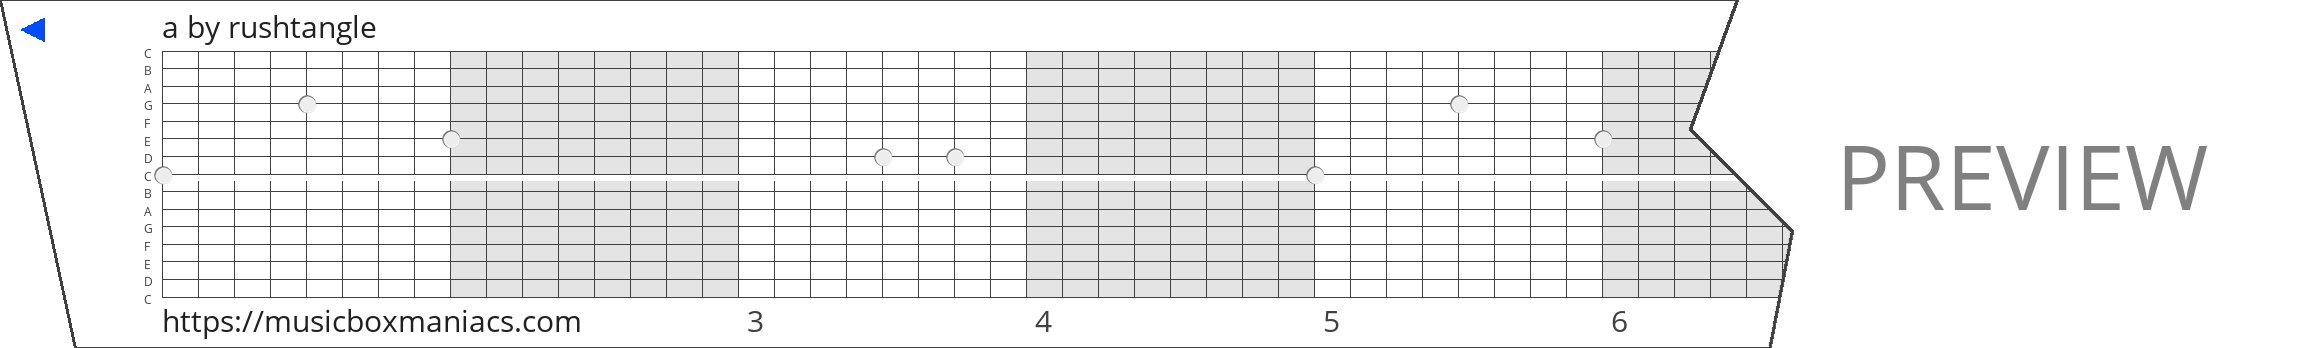 a 15 note music box paper strip